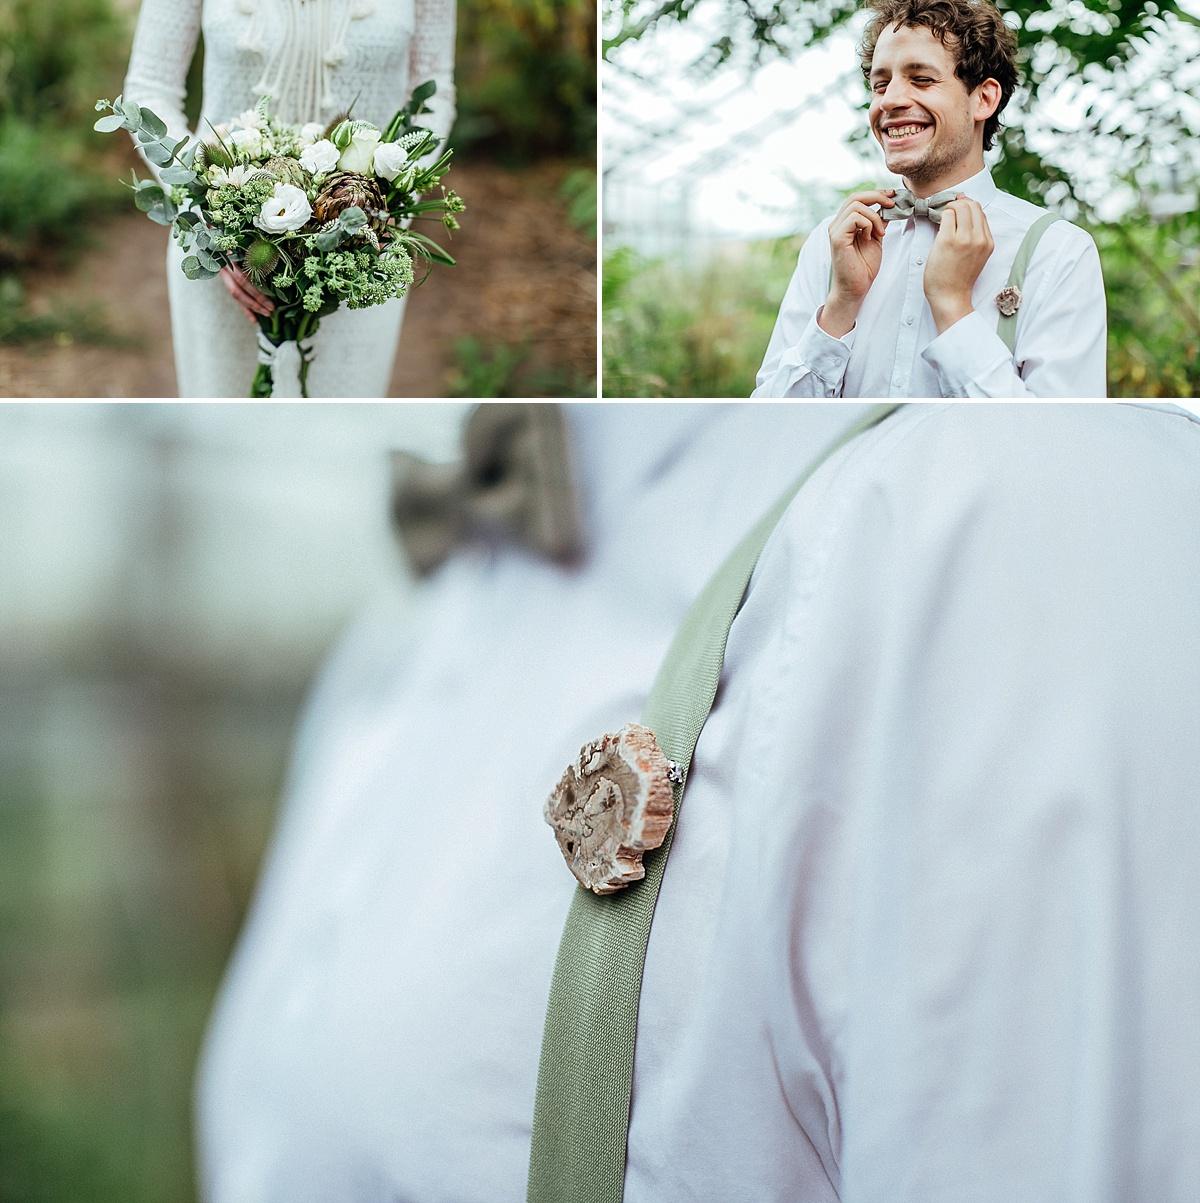 Hochzeit_gruen_Gewaechshaus_Matcha_0010